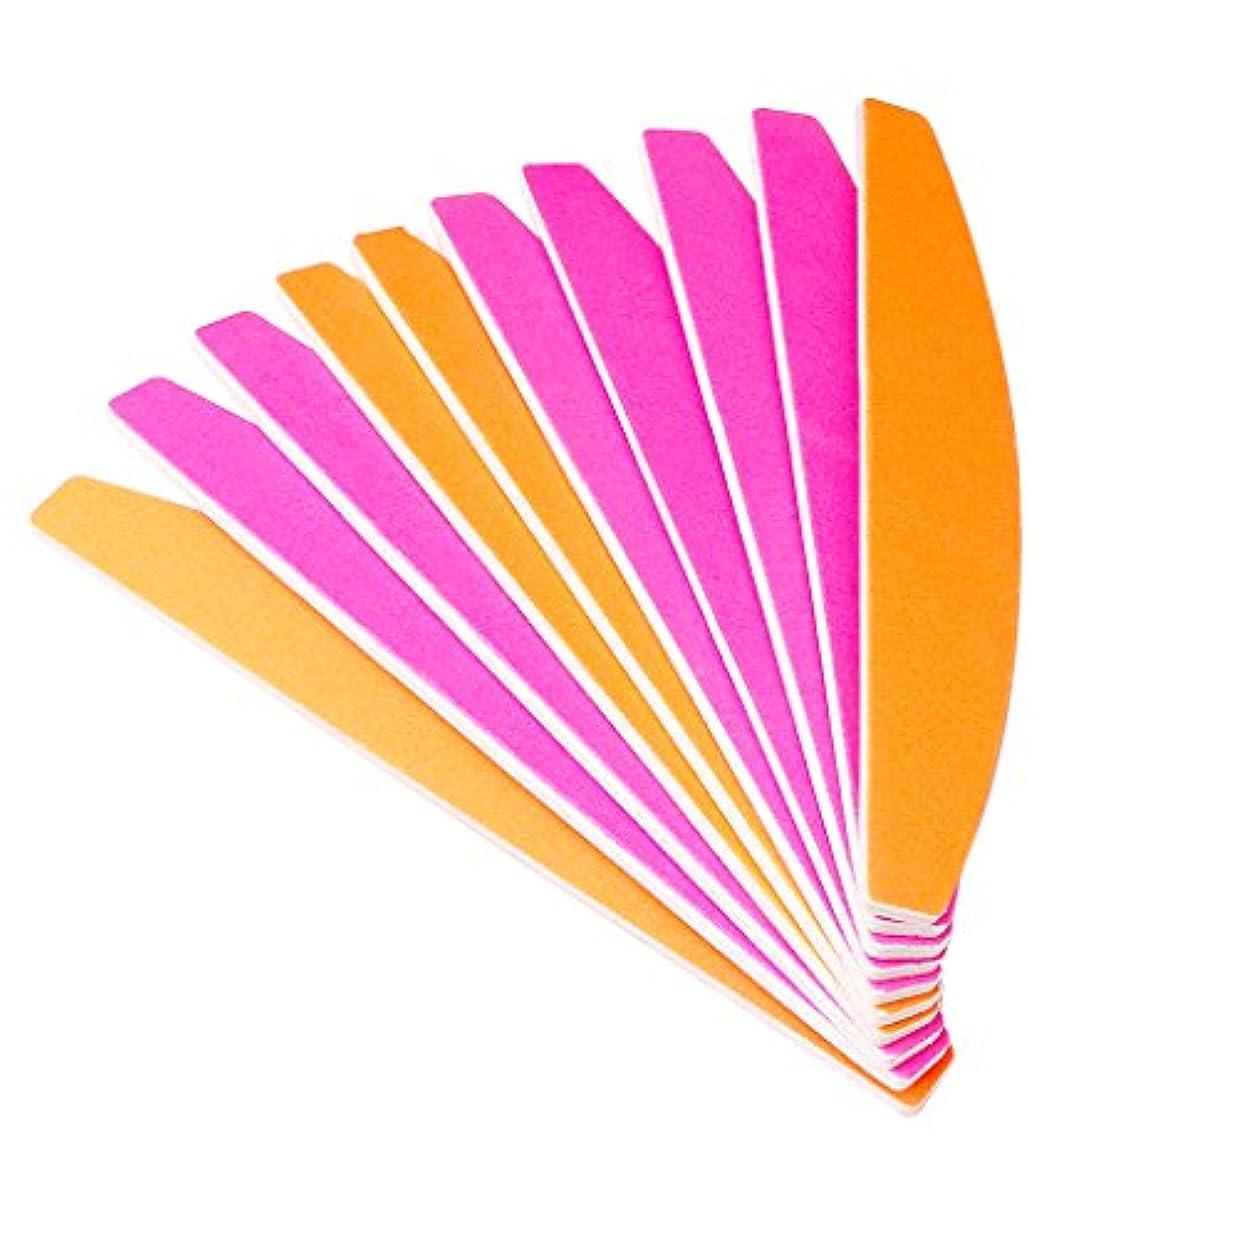 モディッシュ著者塩ジャッキーハーフムーン型蛍光砂バー(変色)ポータブルネイルアートサンディングファイルバッファーブロックマニキュアのヒントUVジェルポリッシャーツール